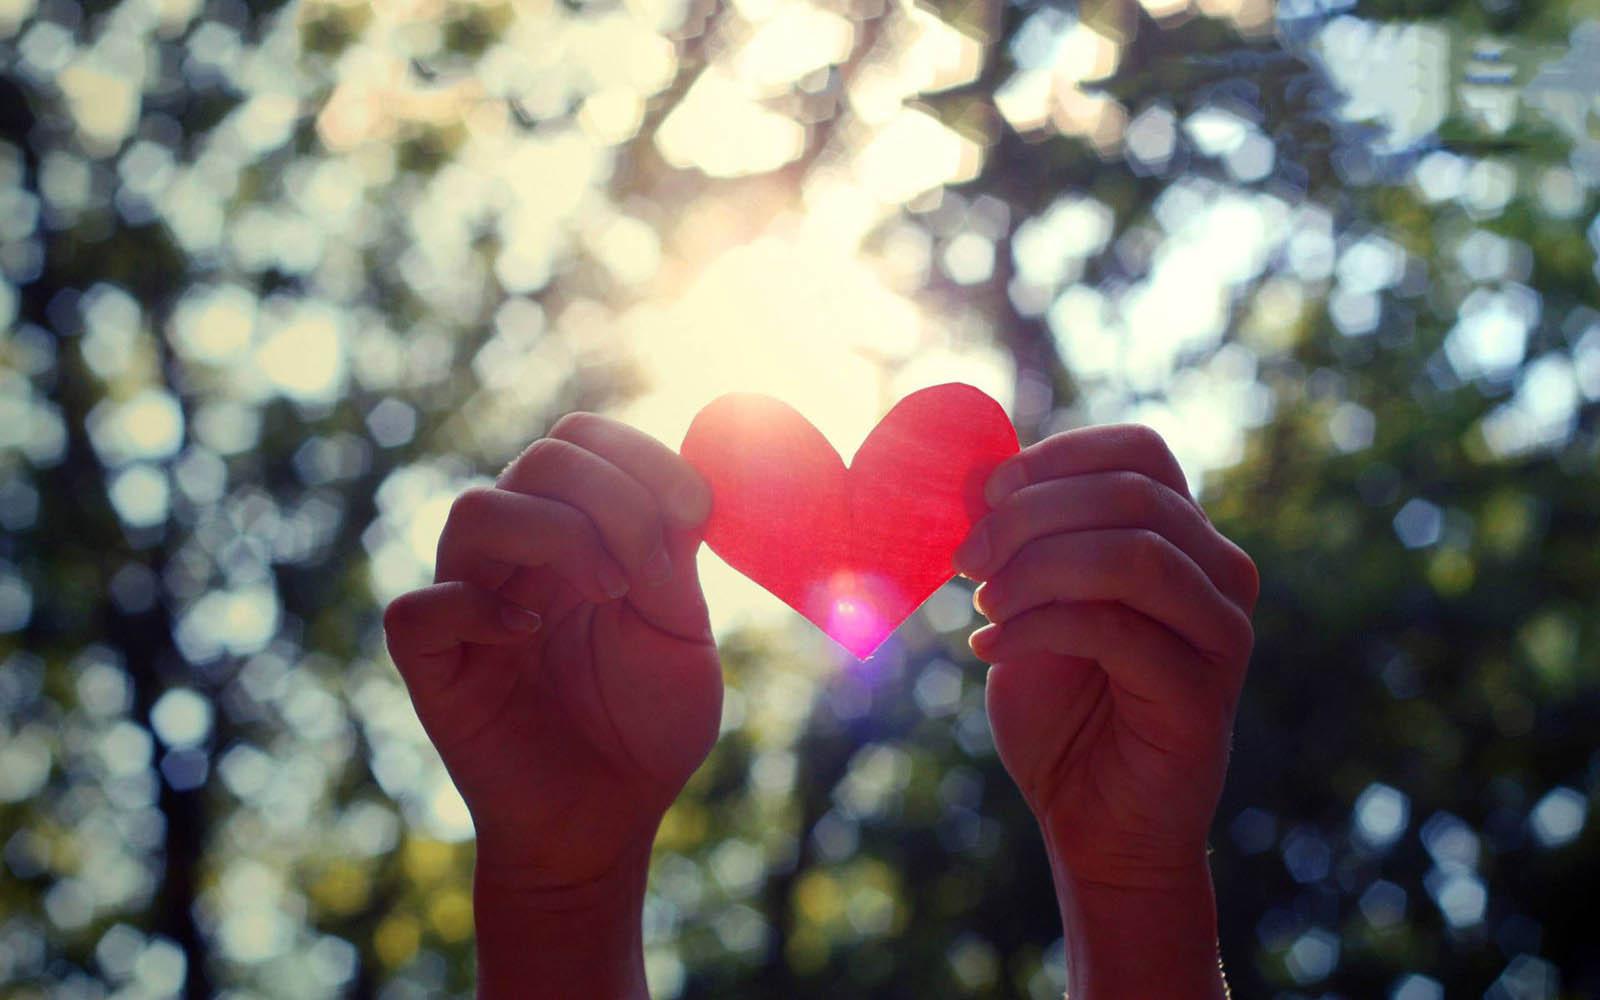 Gambar Tangan Dengan Simbol Love Cinta Love Heart In Hands